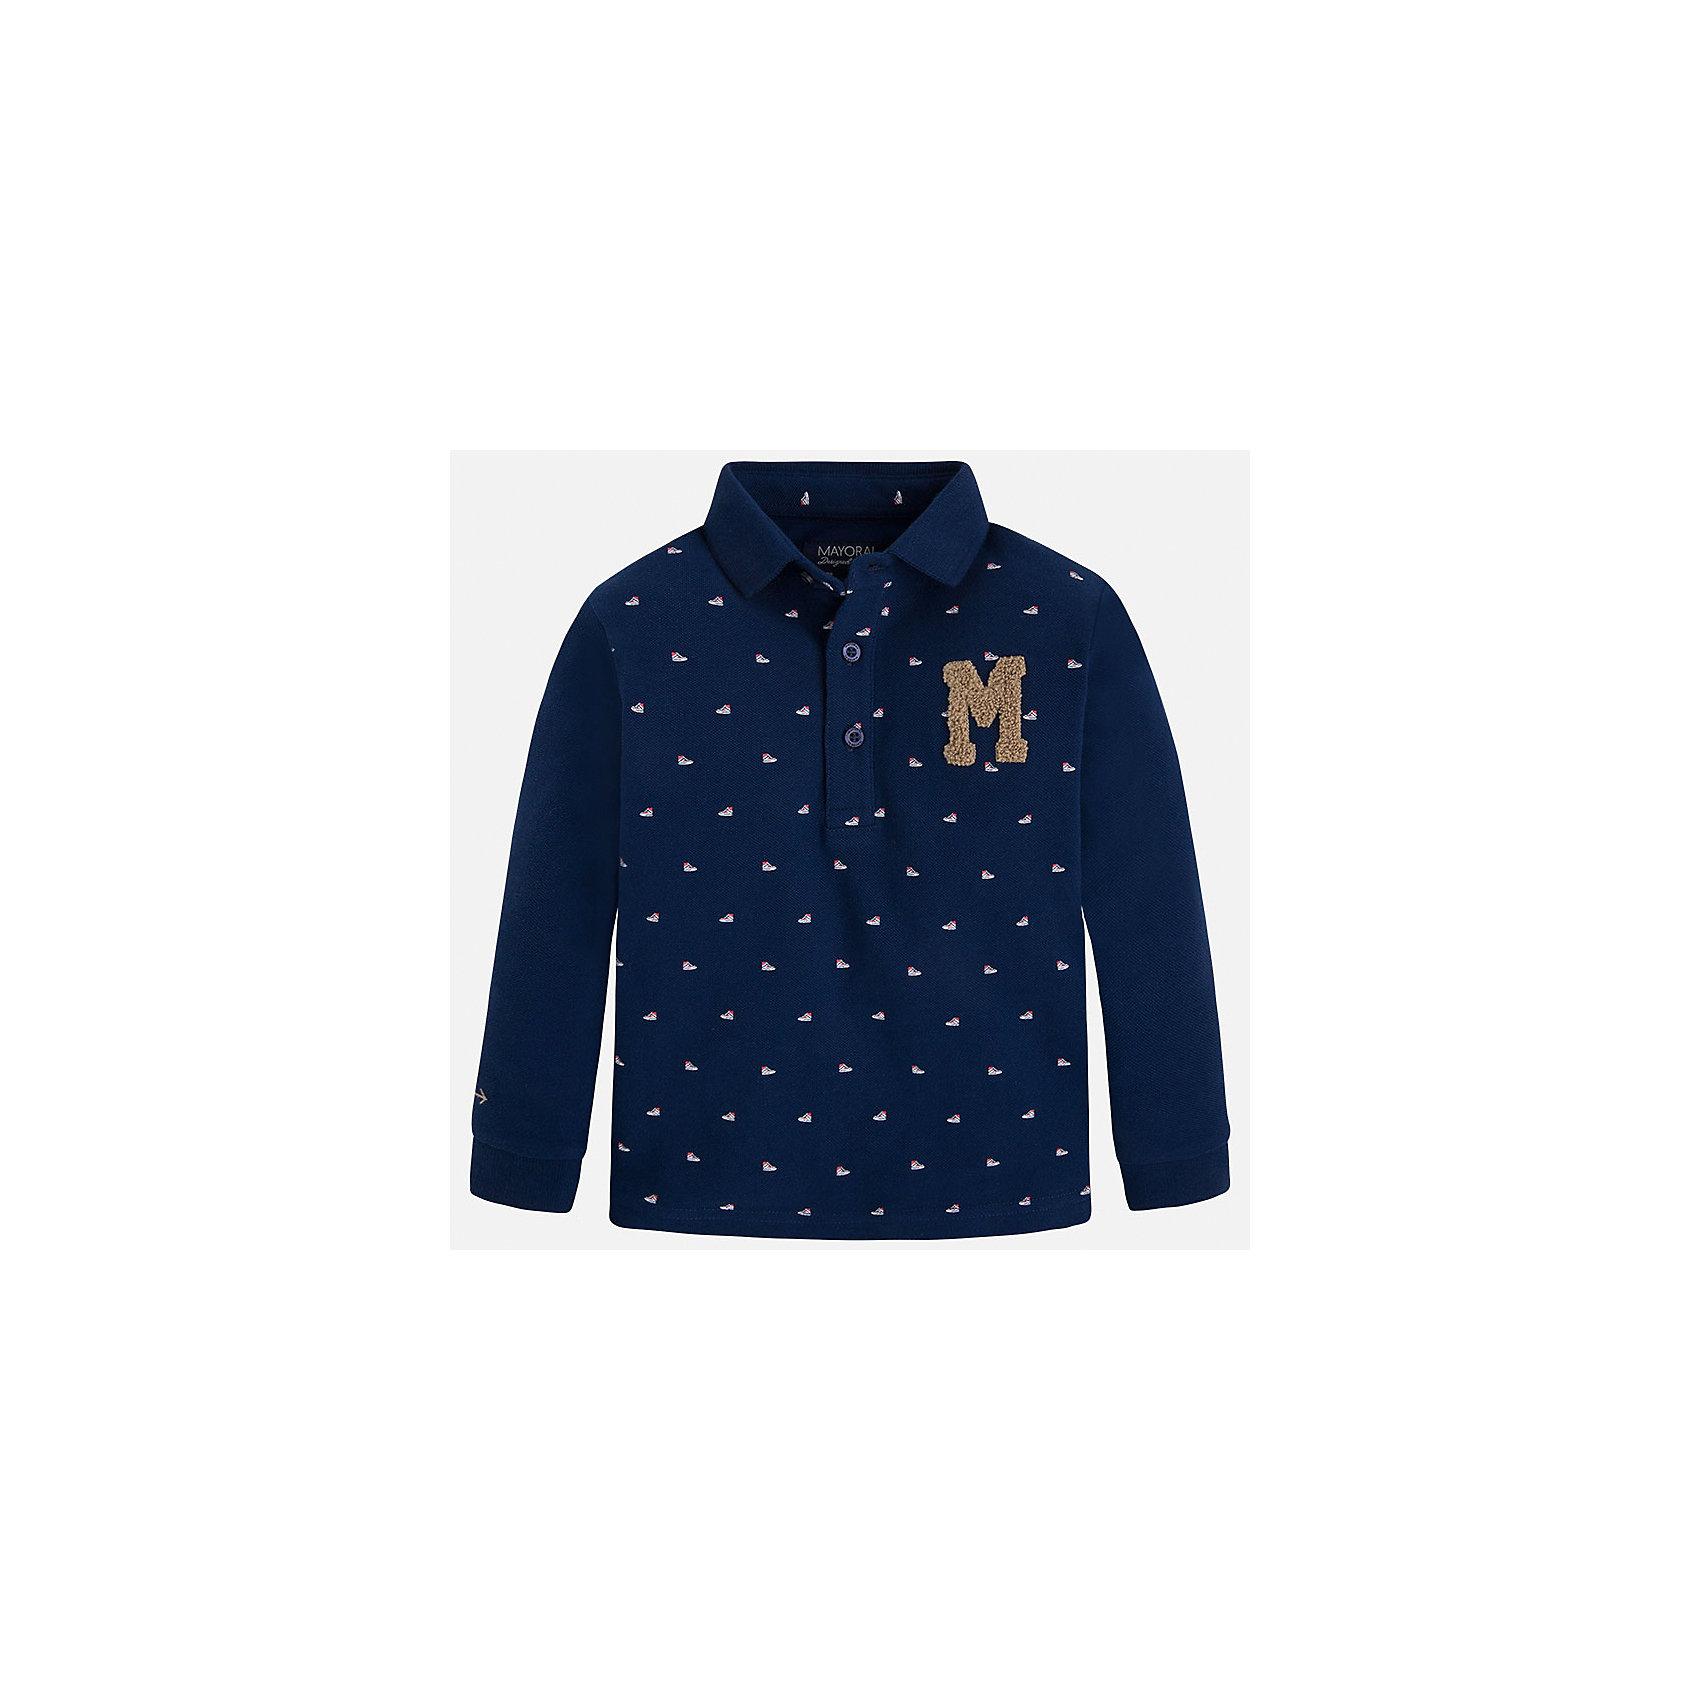 Футболка-поло с длинным рукавом для мальчика MayoralФутболки с длинным рукавом<br>Рубашка-поло для мальчика Mayoral (Майорал) – это стильная, модная и практичная модель.<br>Стильная рубашка-поло с длинными рукавами от известной испанской марки Mayoral (Майорал) выполненная из натурального хлопка, станет прекрасным дополнением гардероба вашего мальчика. Рубашка декорирована принтом с изображением спортивной обуви. У рубашки отложной воротник. Ворот застегивается на пуговицы. Комфортный прямой крой гарантирует свободу движений.<br><br>Дополнительная информация:<br><br>- Цвет: синий<br>- Состав: 100% хлопок<br>- Уход: бережная стирка при 30 градусах<br><br>Рубашку-поло для мальчика Mayoral (Майорал) можно купить в нашем интернет-магазине.<br><br>Ширина мм: 174<br>Глубина мм: 10<br>Высота мм: 169<br>Вес г: 157<br>Цвет: синий<br>Возраст от месяцев: 24<br>Возраст до месяцев: 36<br>Пол: Мужской<br>Возраст: Детский<br>Размер: 98,134,104,110,116,122,128<br>SKU: 4821009